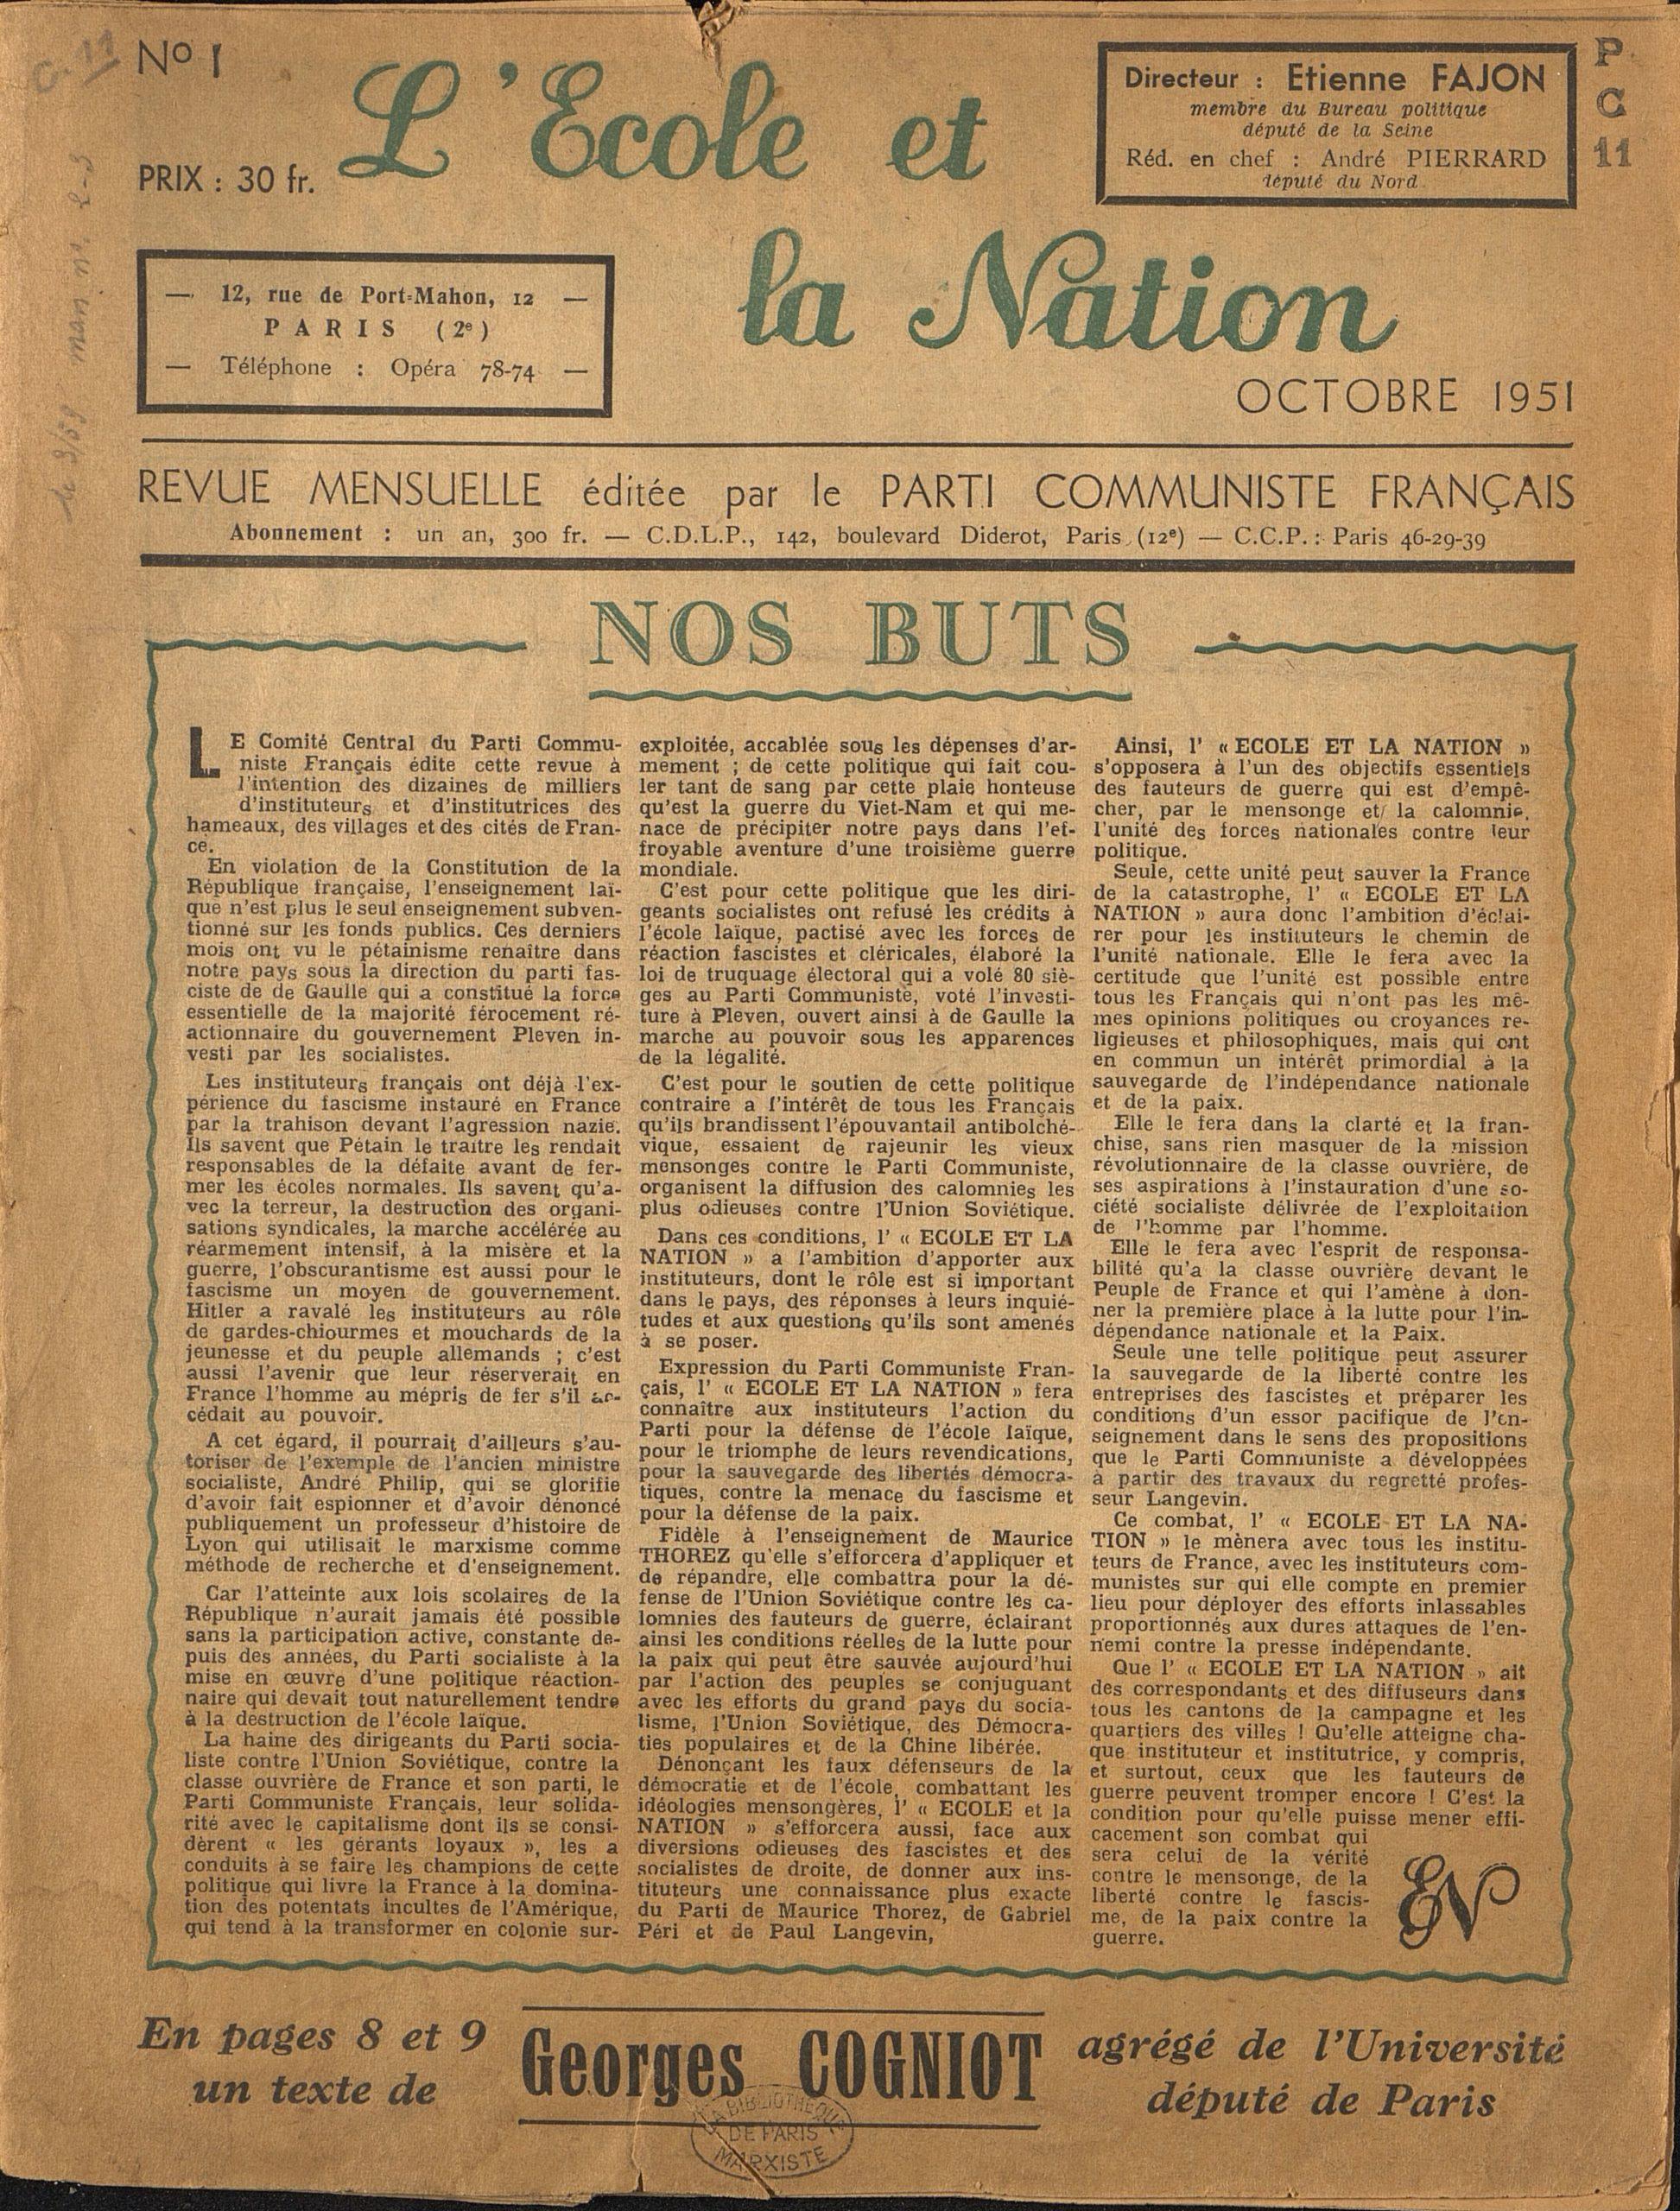 Étudier la collection numérisée de «L'École et la Nation» dans son contexte: le cas de sa création en 1951